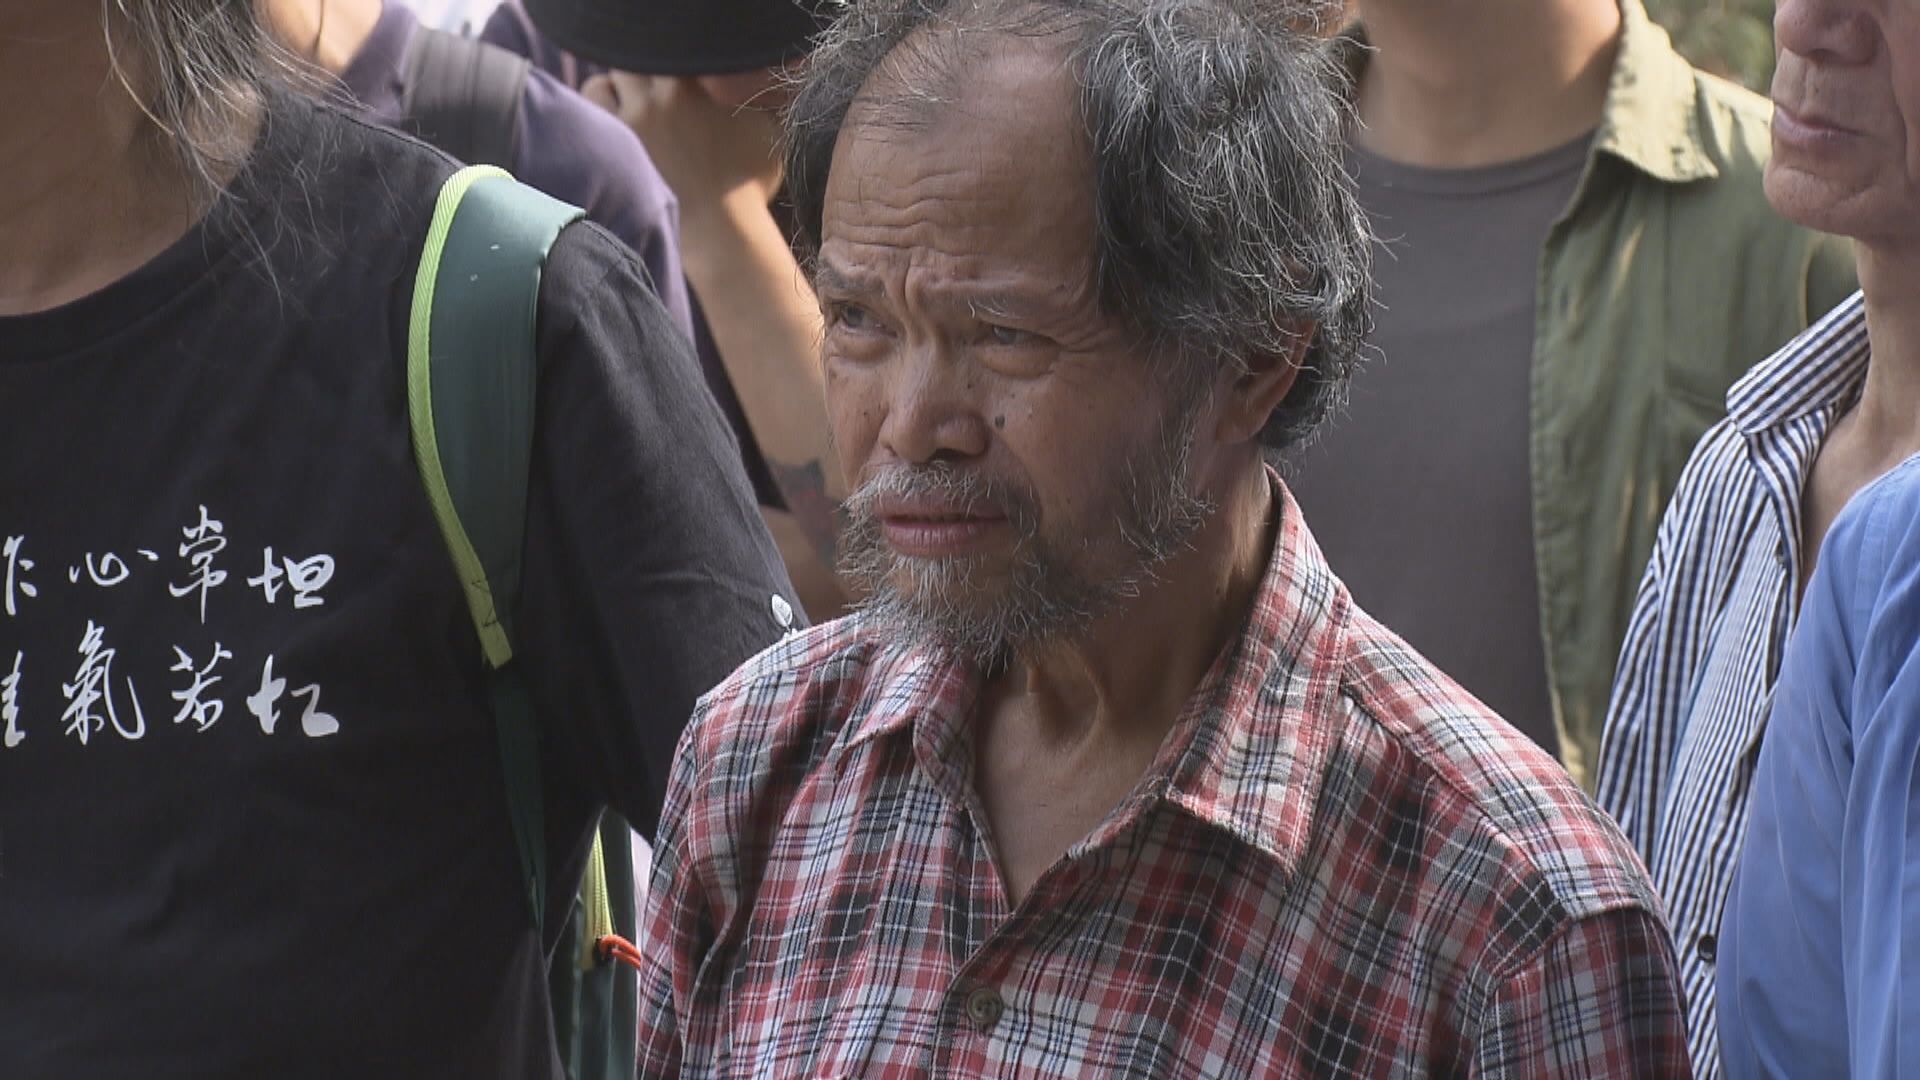 佔旺藐視法庭上訴得直 劉鐵民獲減刑即時獲釋